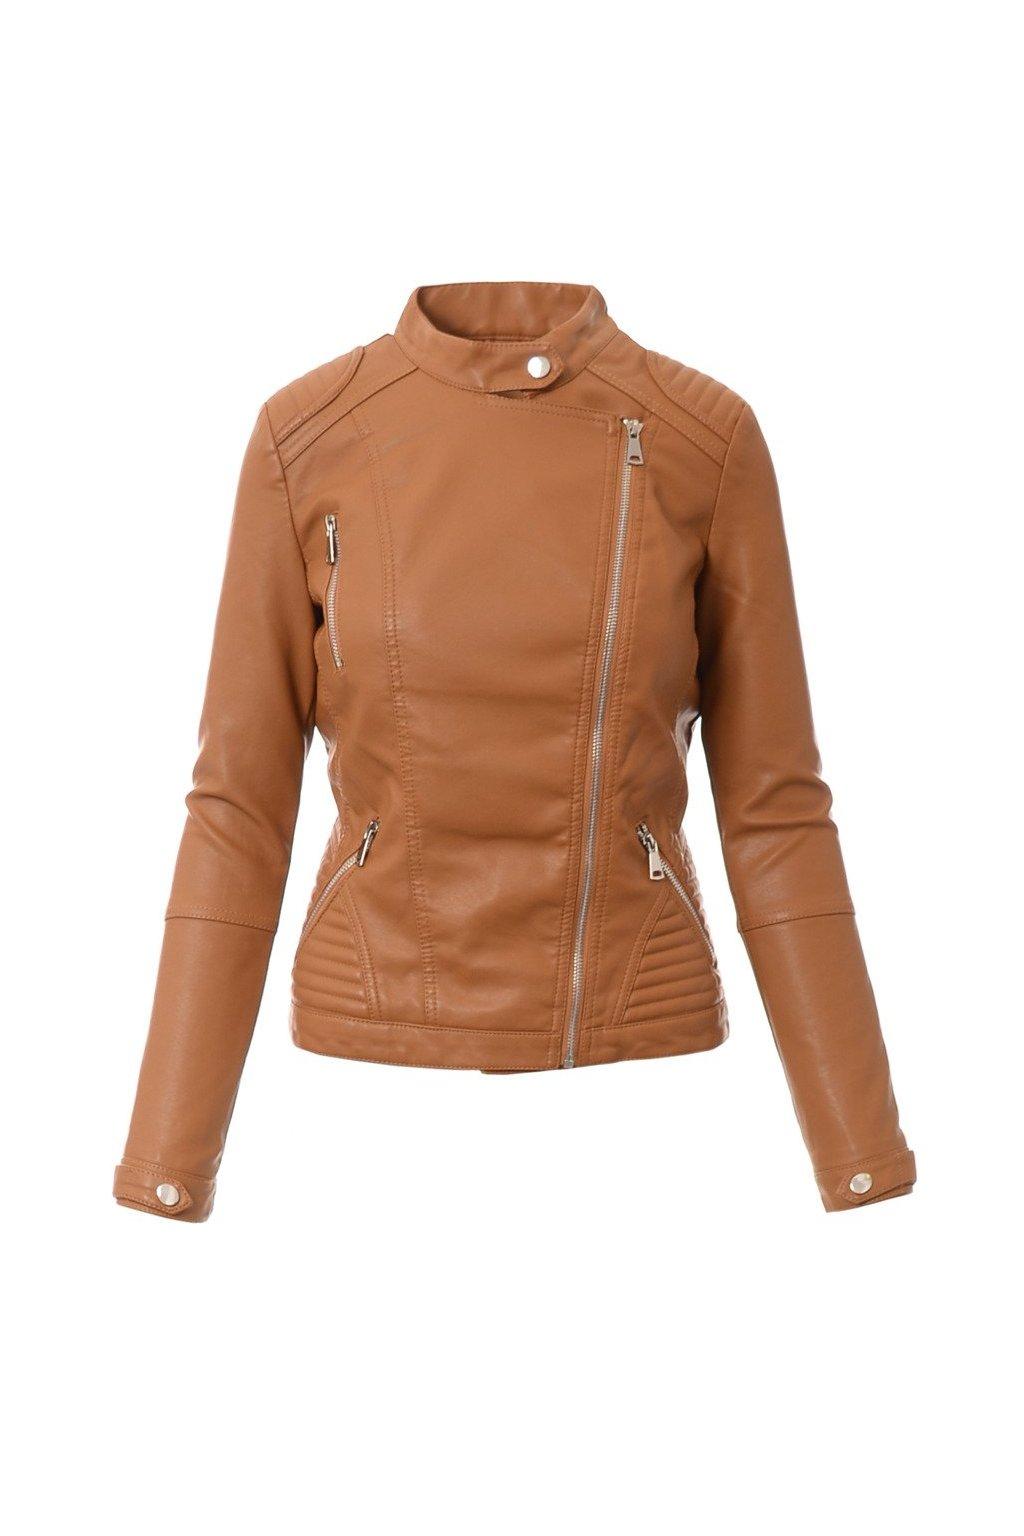 Dámska kožená bunda 4091 hnedá